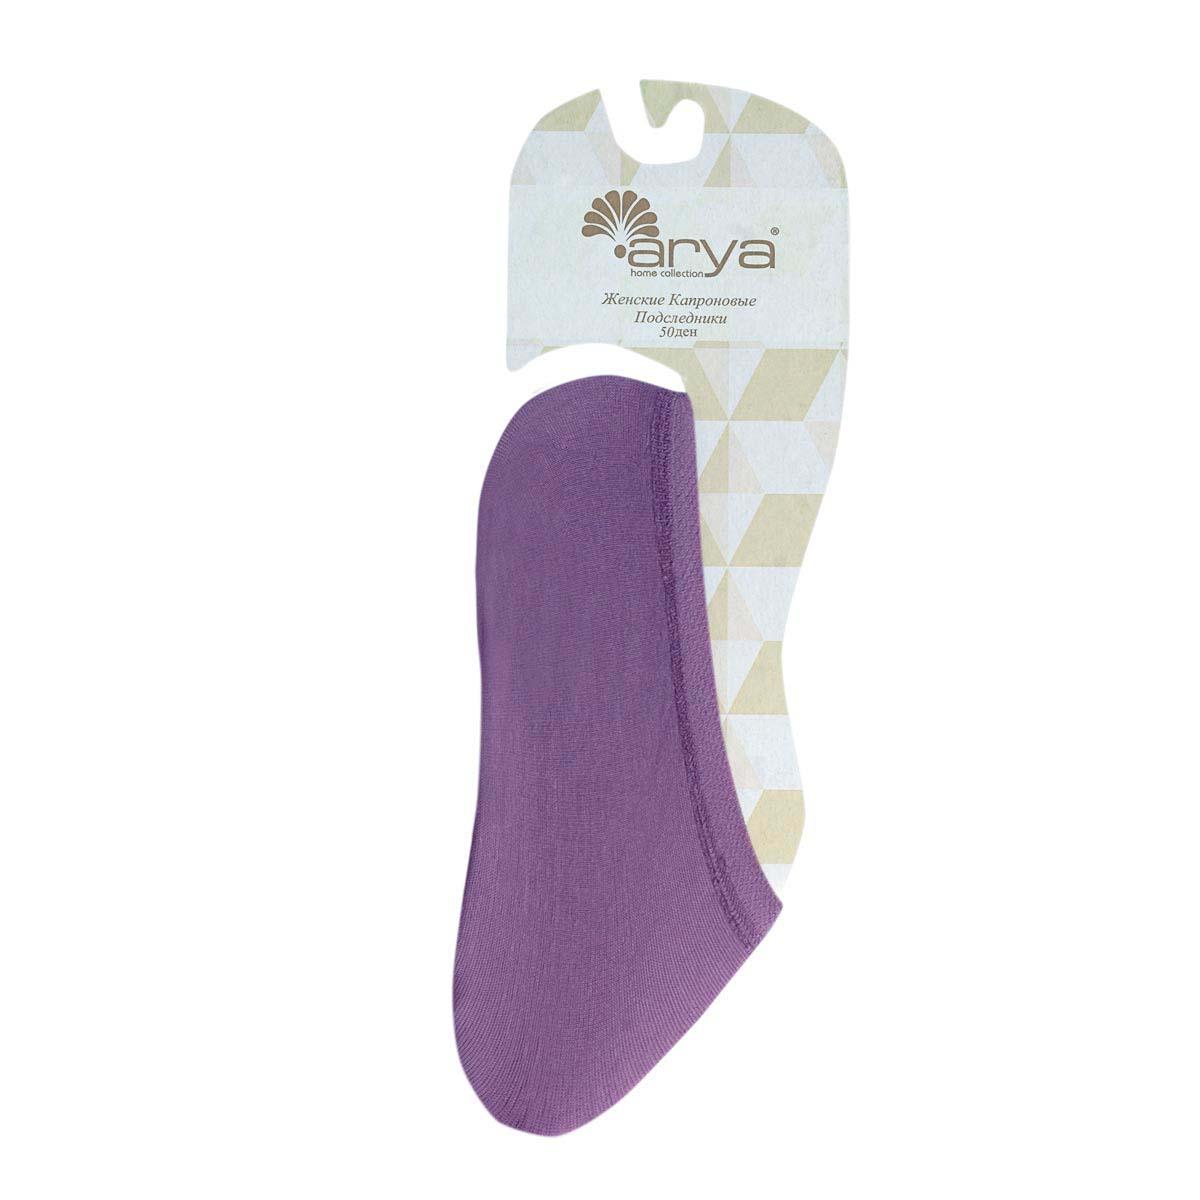 Носки Darleen Цвет: Фиолетовый (Стандартный) фото